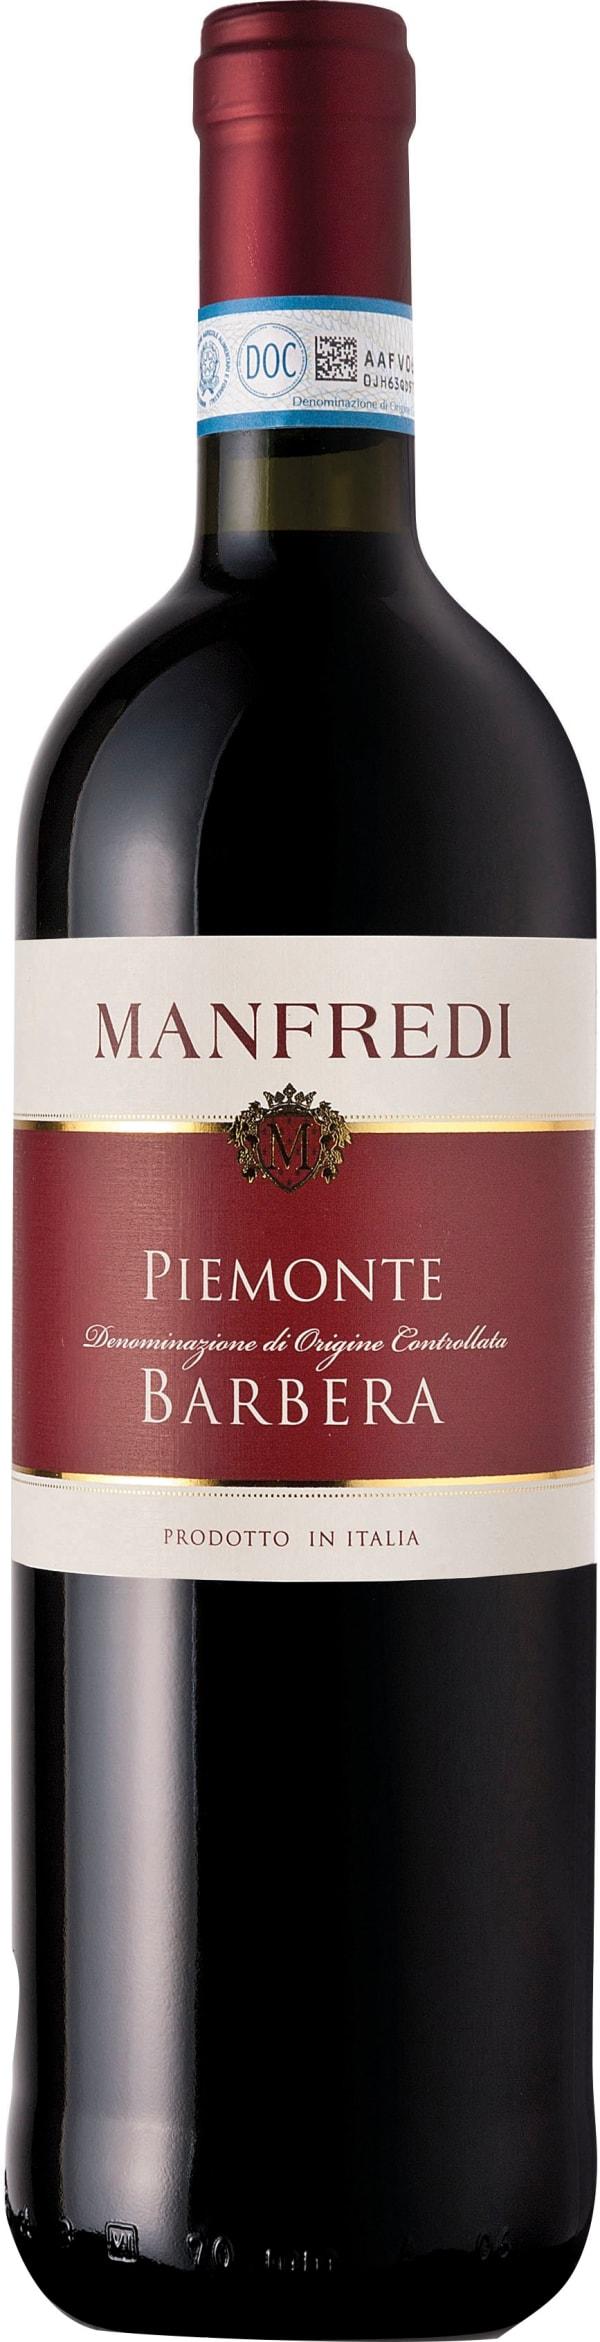 Manfredi Barbera 2018